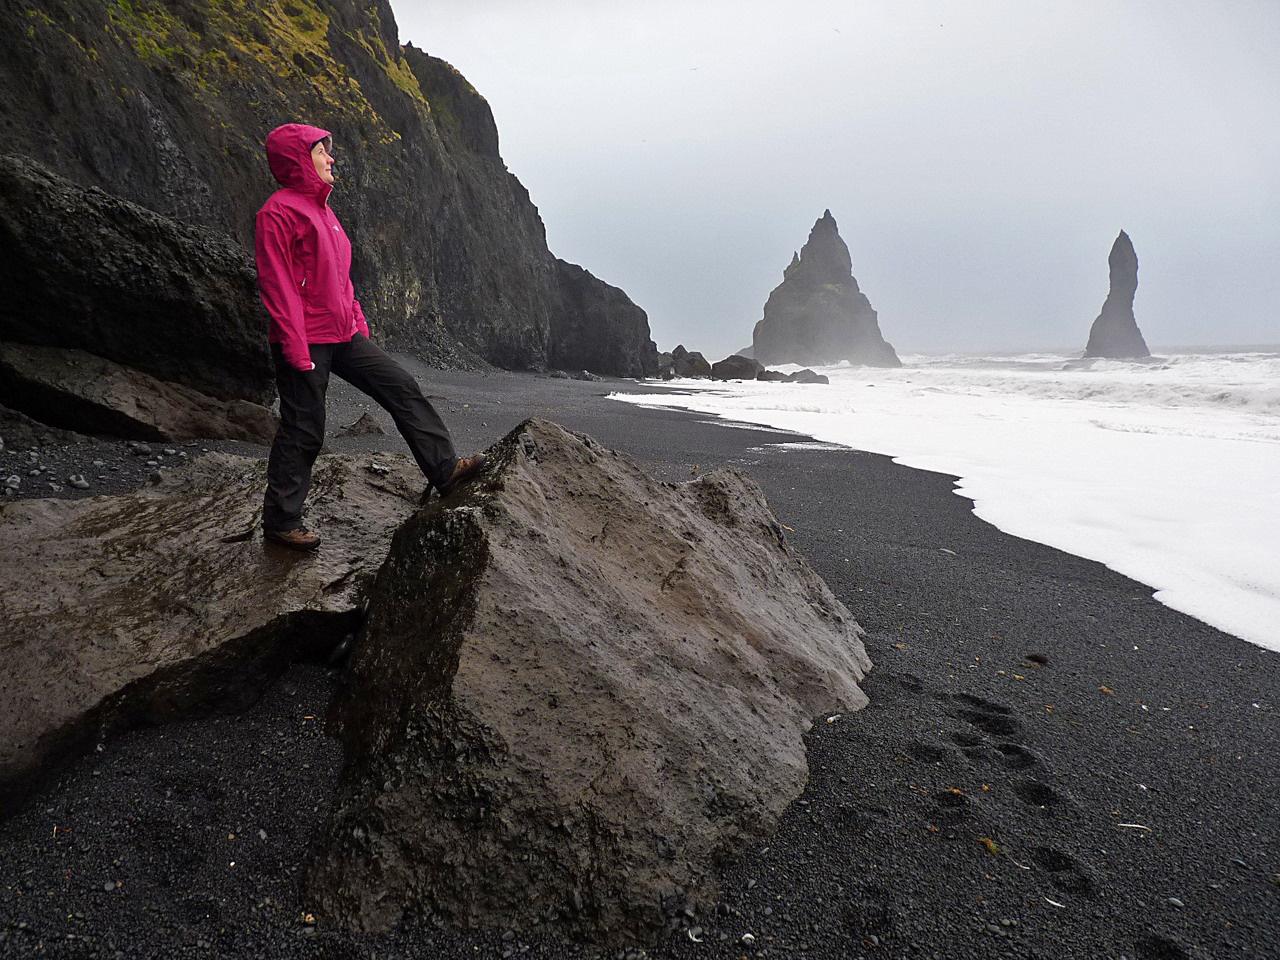 Ahol az ég, a föld és a víz összeér. A Sarkkör közelében a tenger már alkalmatlan a strandolásra, látványa viszont sok érdeklődőt vonz. Vulkáni törmelékkel borított, szürreális formájú szirtekkel szabdalt partja, a hullámverés által kivájt barlangjai szürreális hangulatot árasztanak